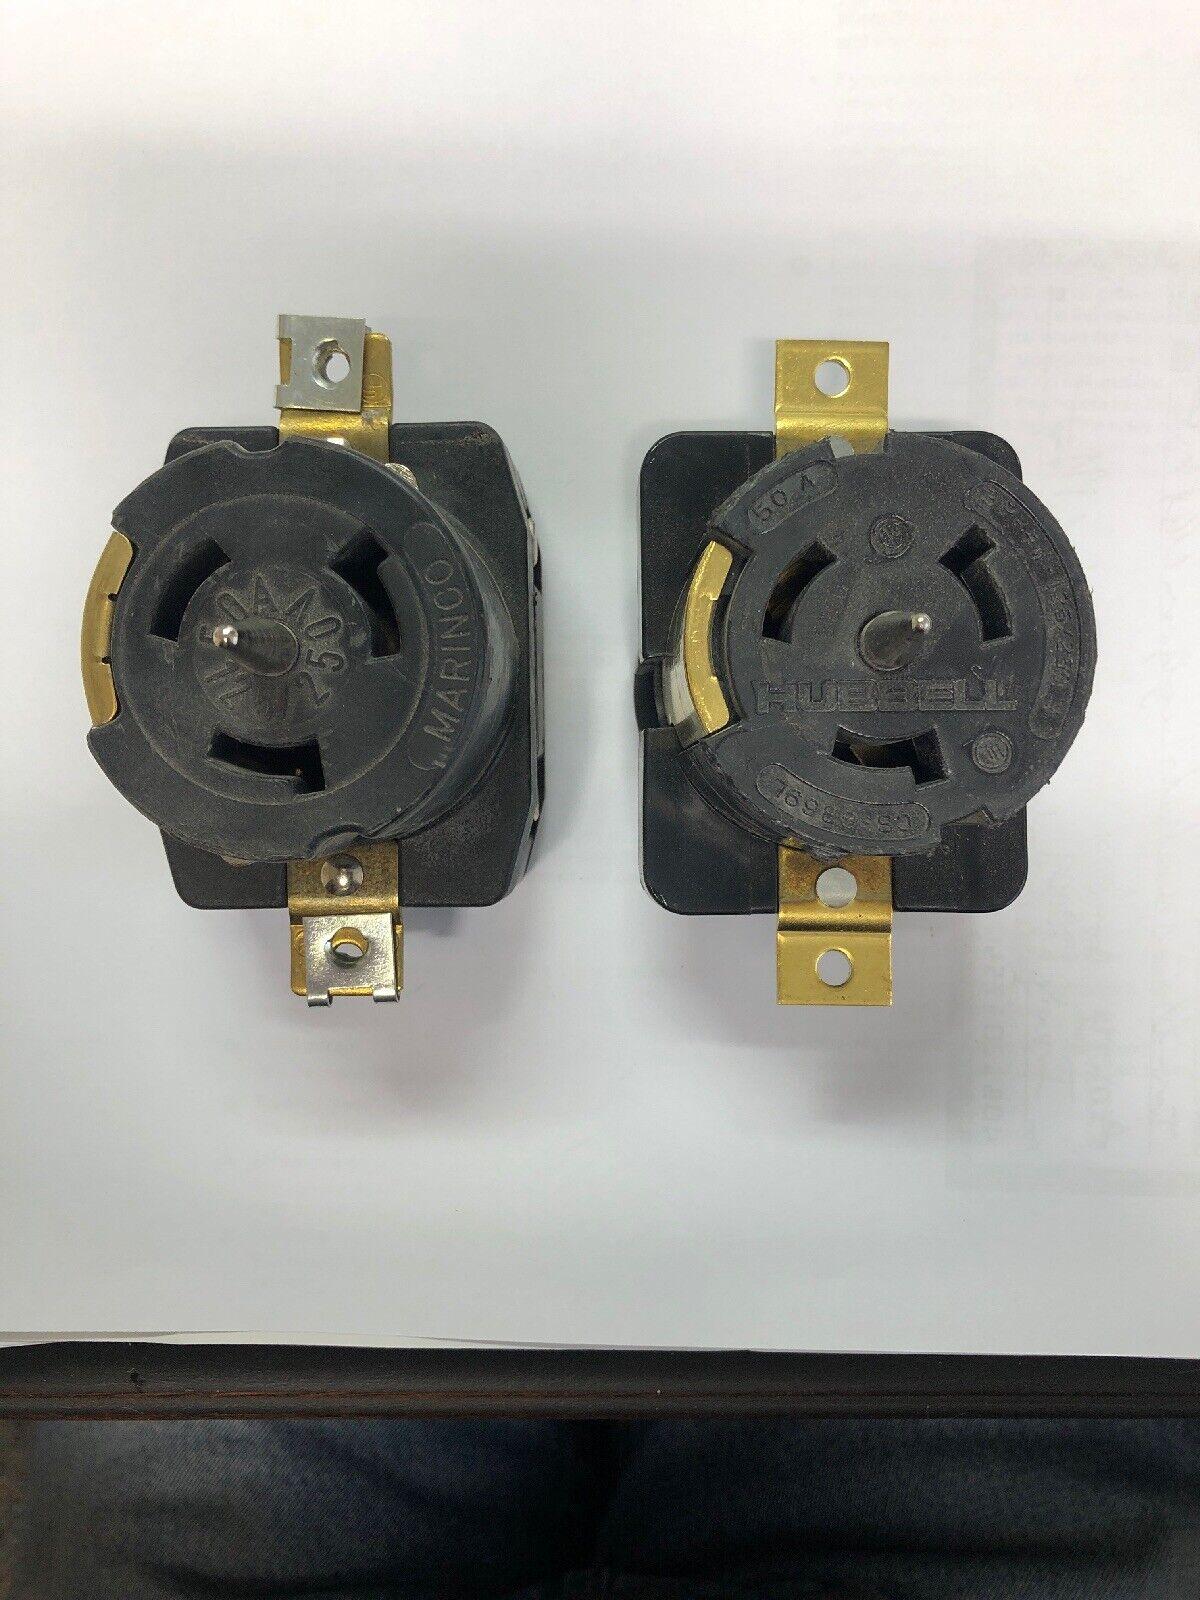 125 Volt//250 Volt Receptacle Marinco CS6369 50 Amp